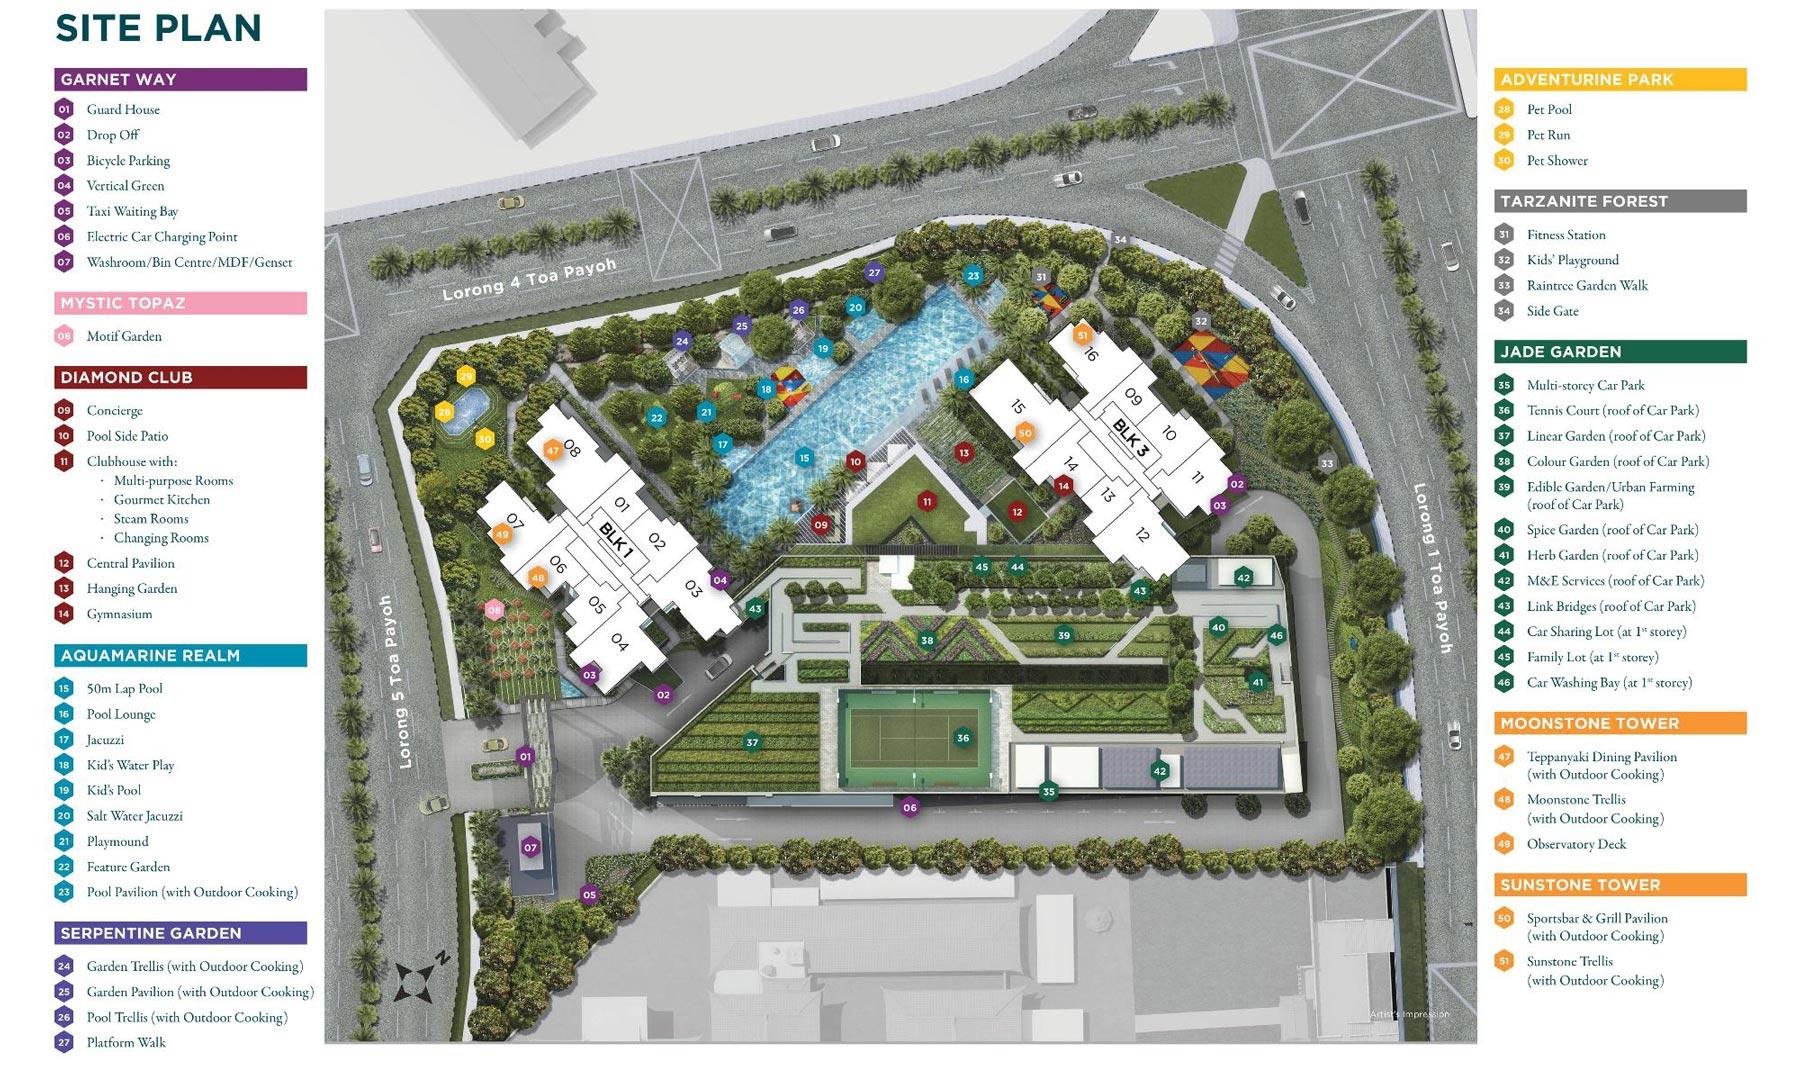 gem-residences-site-plan